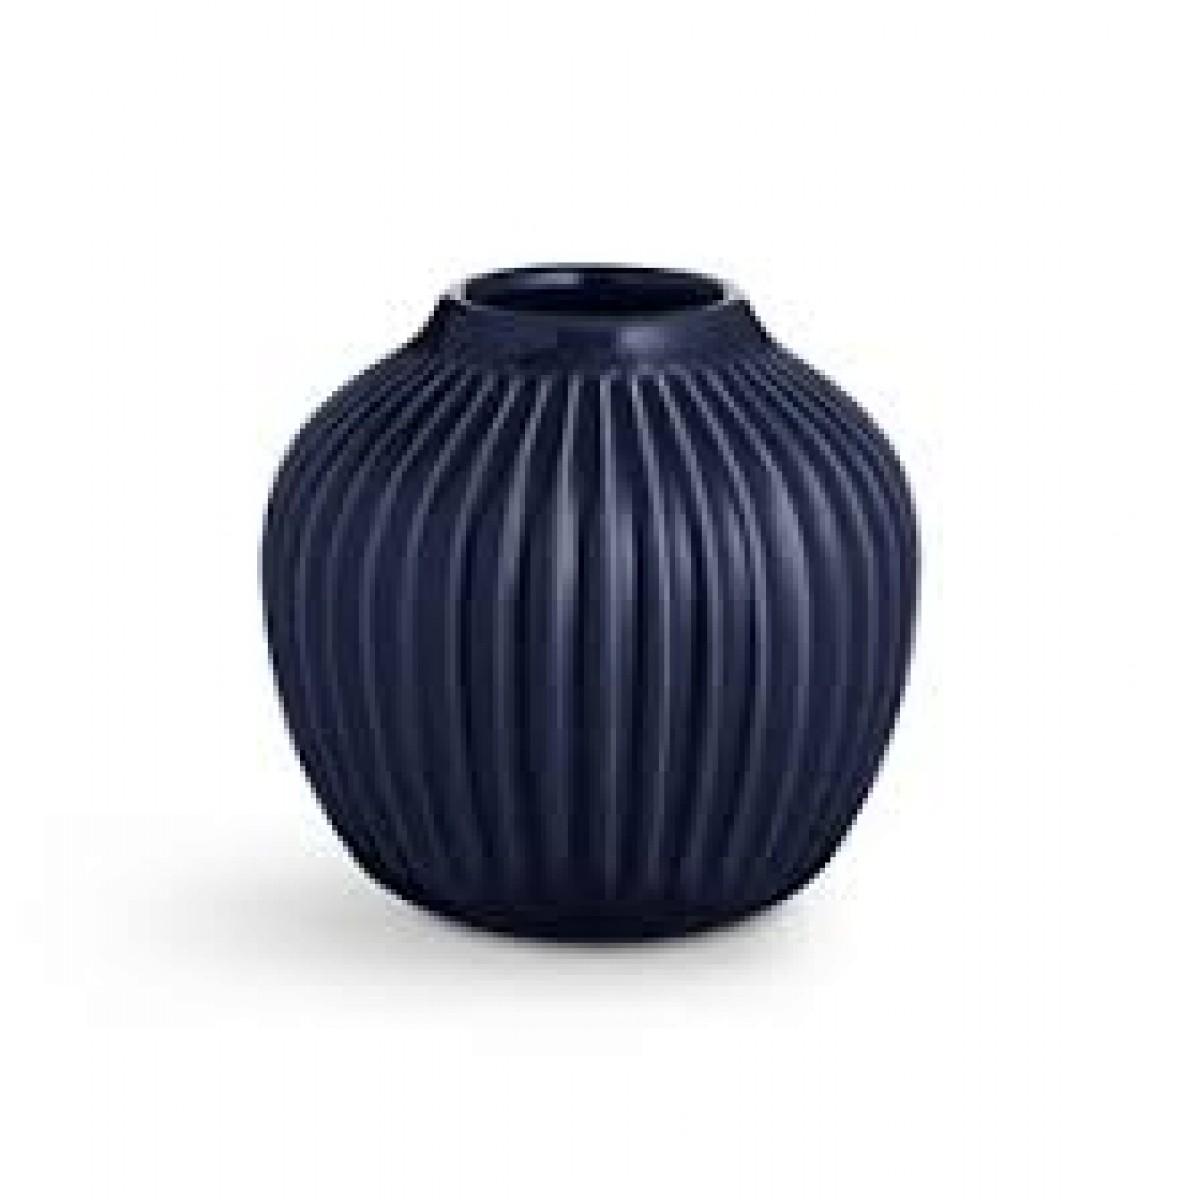 KÄHLER Hammershøi vase indigo blå 12,5 cm.